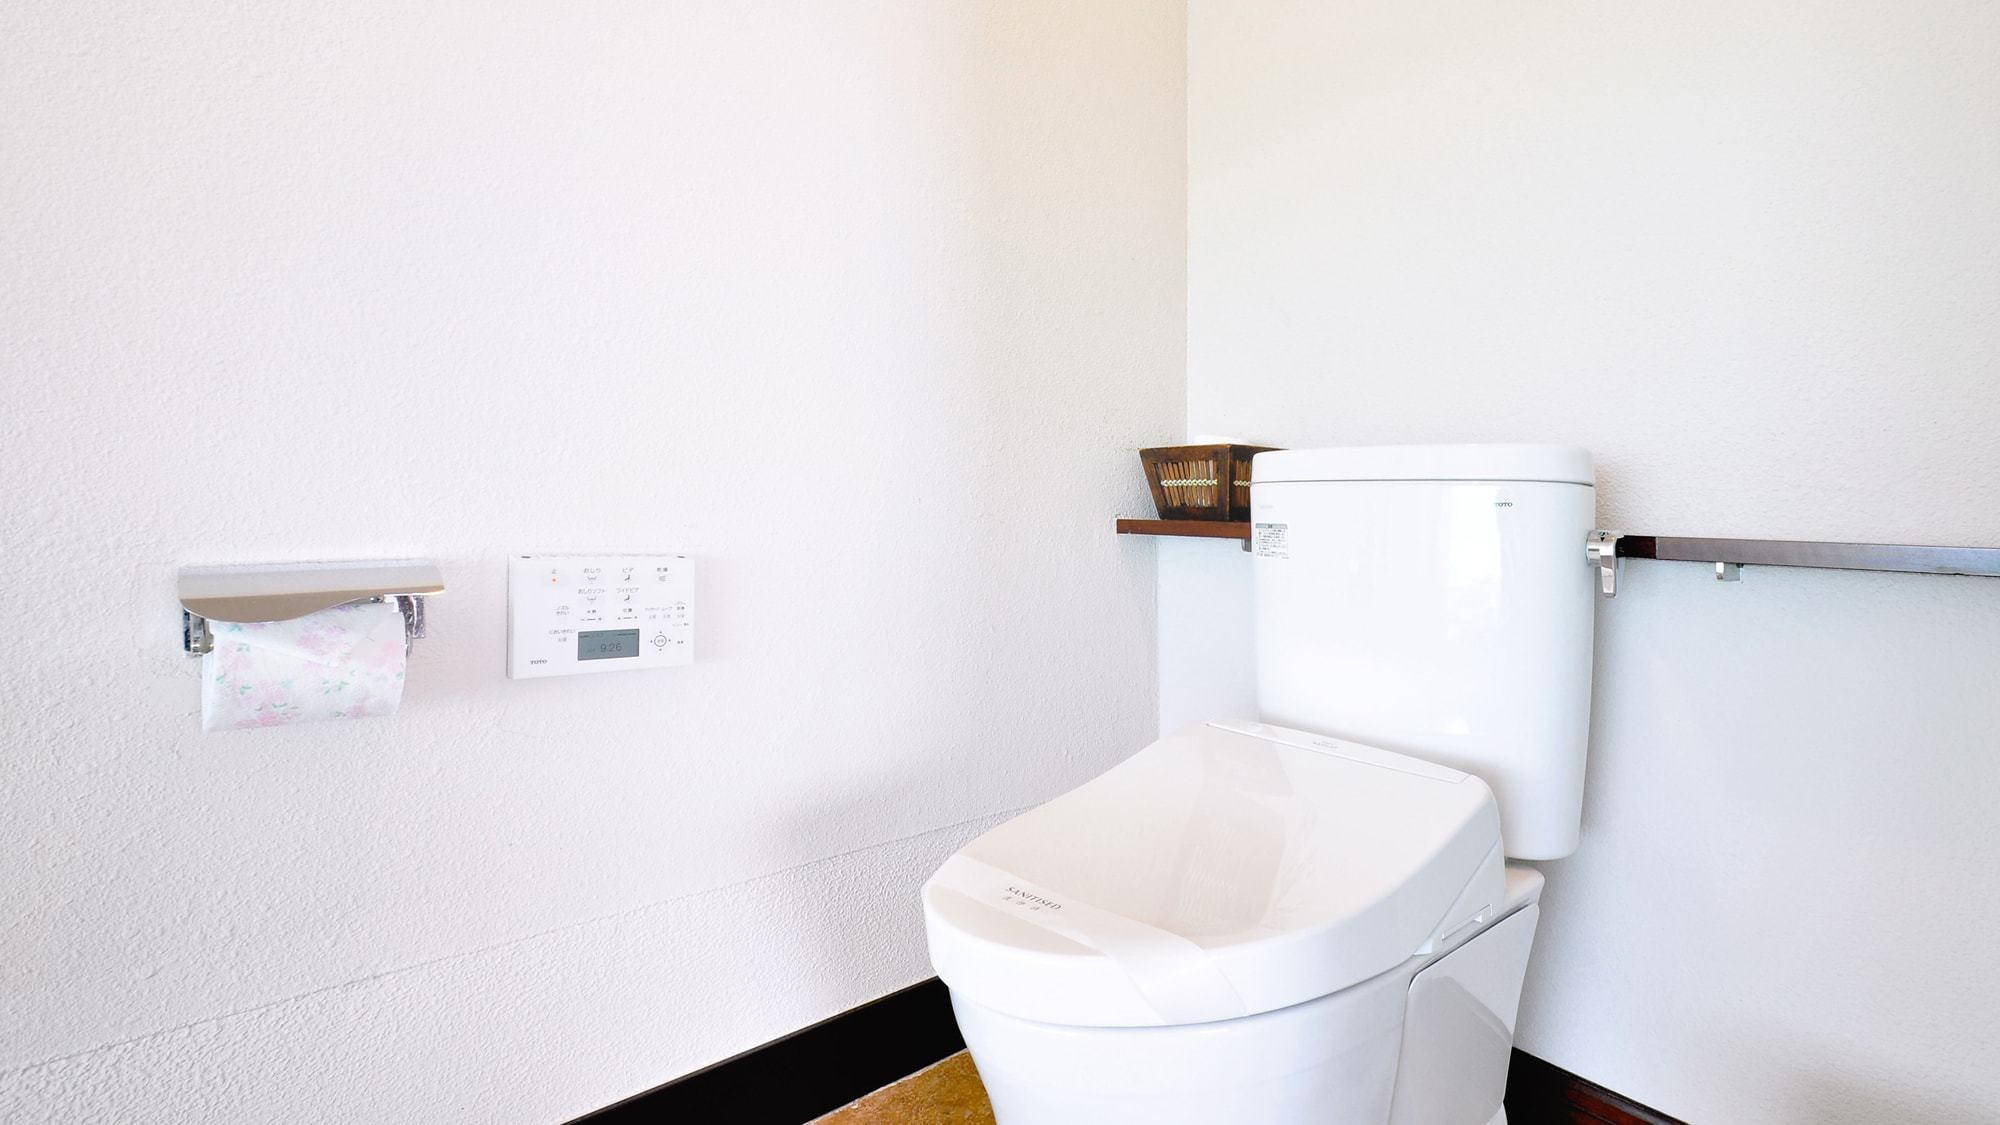 【スイートルーム】トイレはもちろん温水シャワー洗浄です